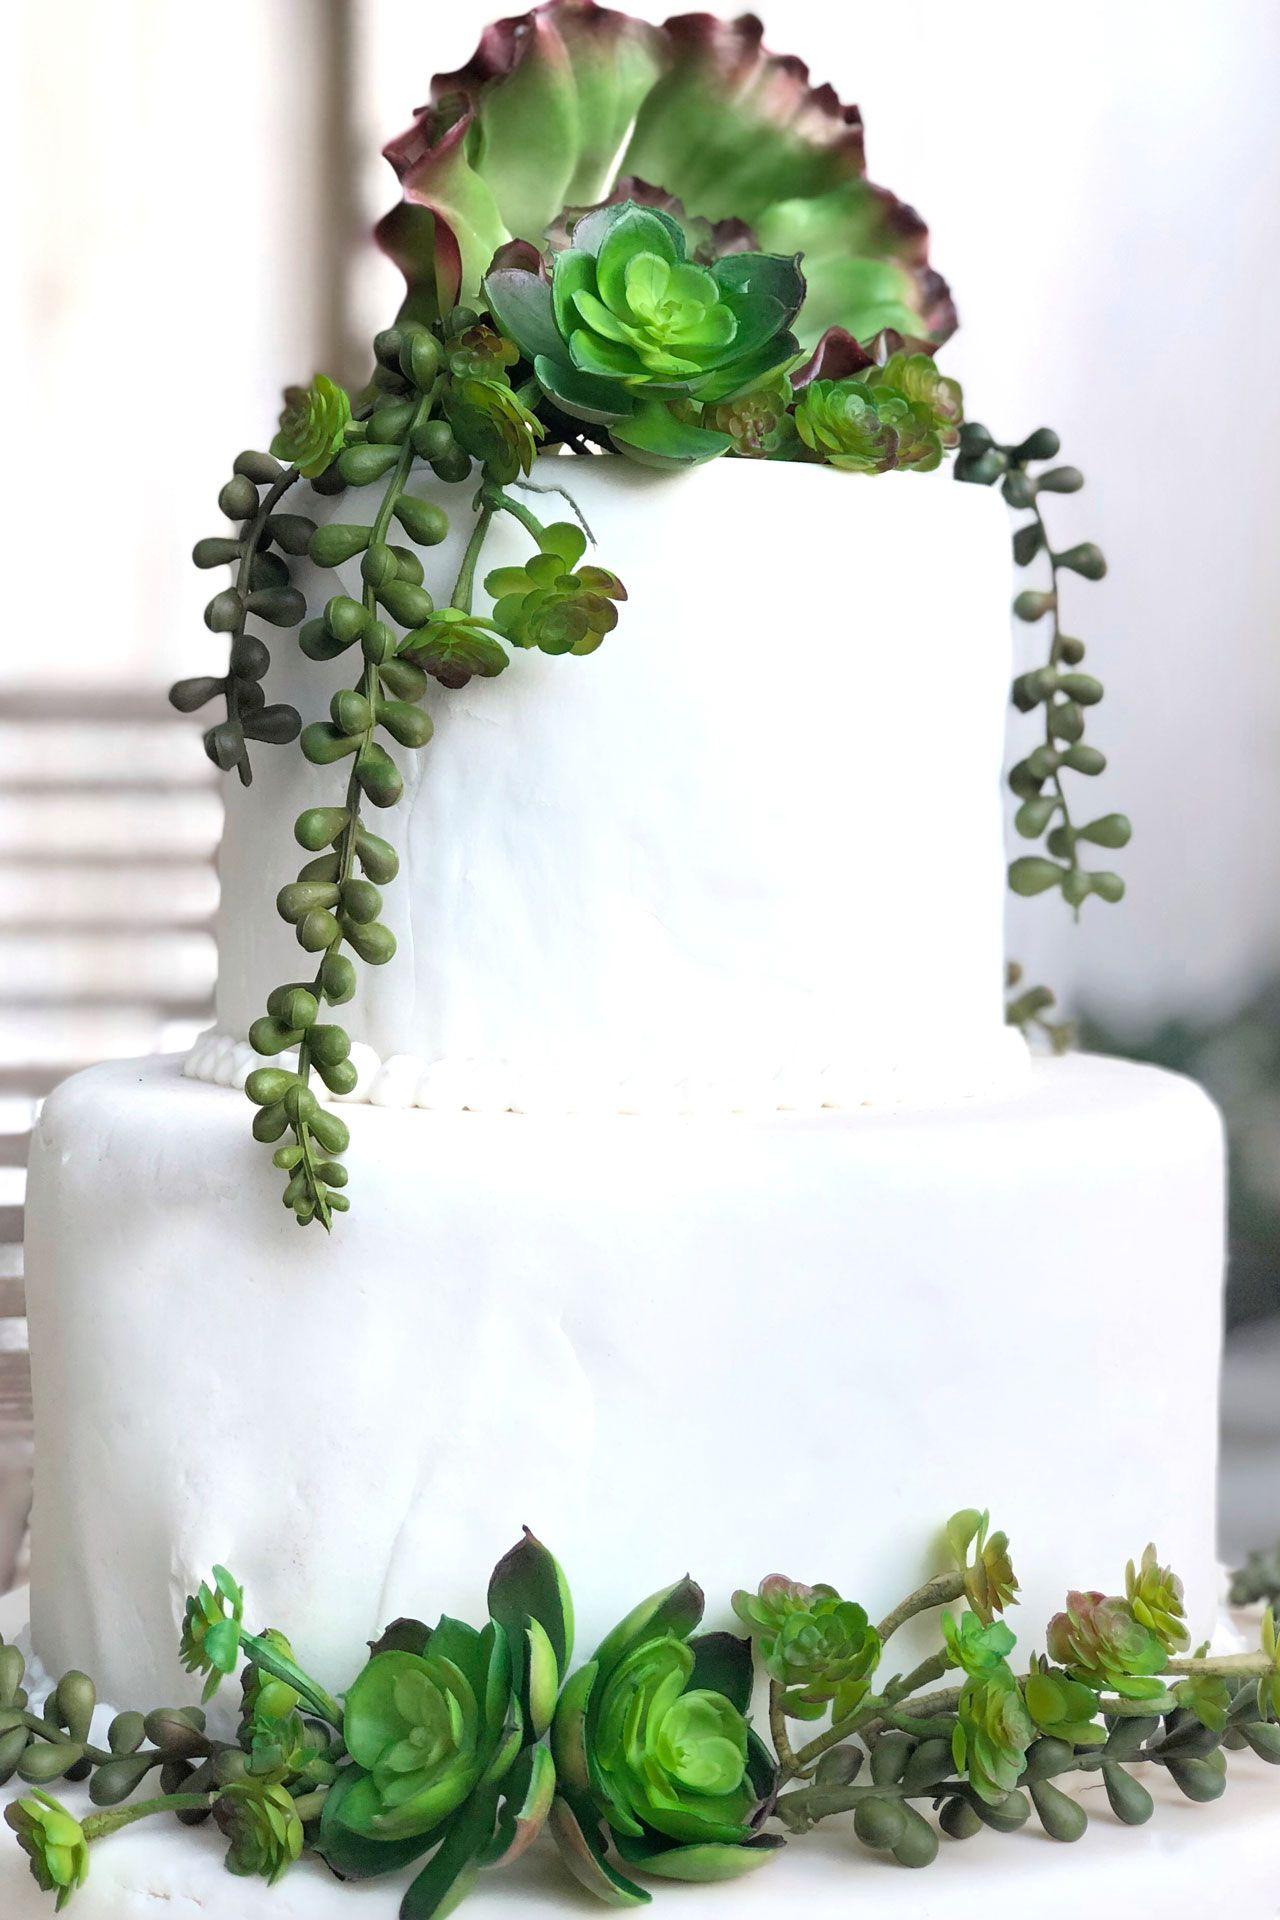 Succulent Cake Decorations Succulent Cake Wedding Cake Decorations Flowers Wedding Cakes With Flowers